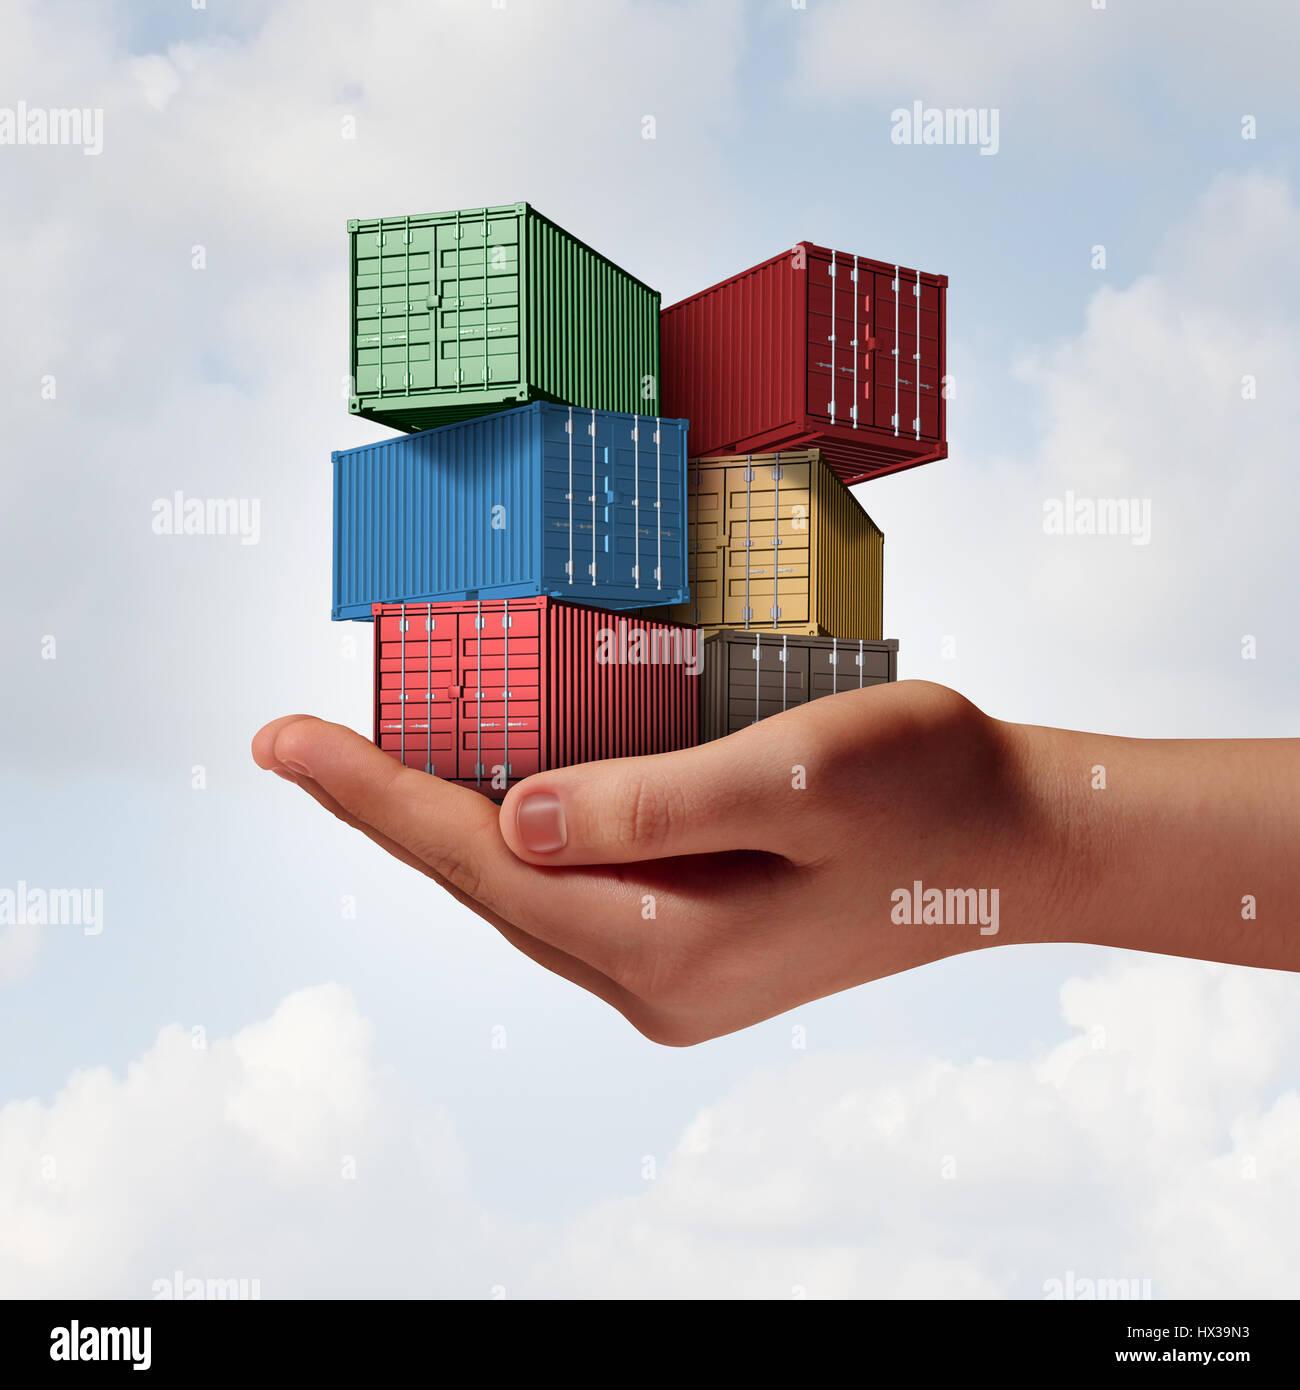 Concept de soutien logistique comme une main tenant un groupe de conteneurs de fret comme transport et logistique Photo Stock